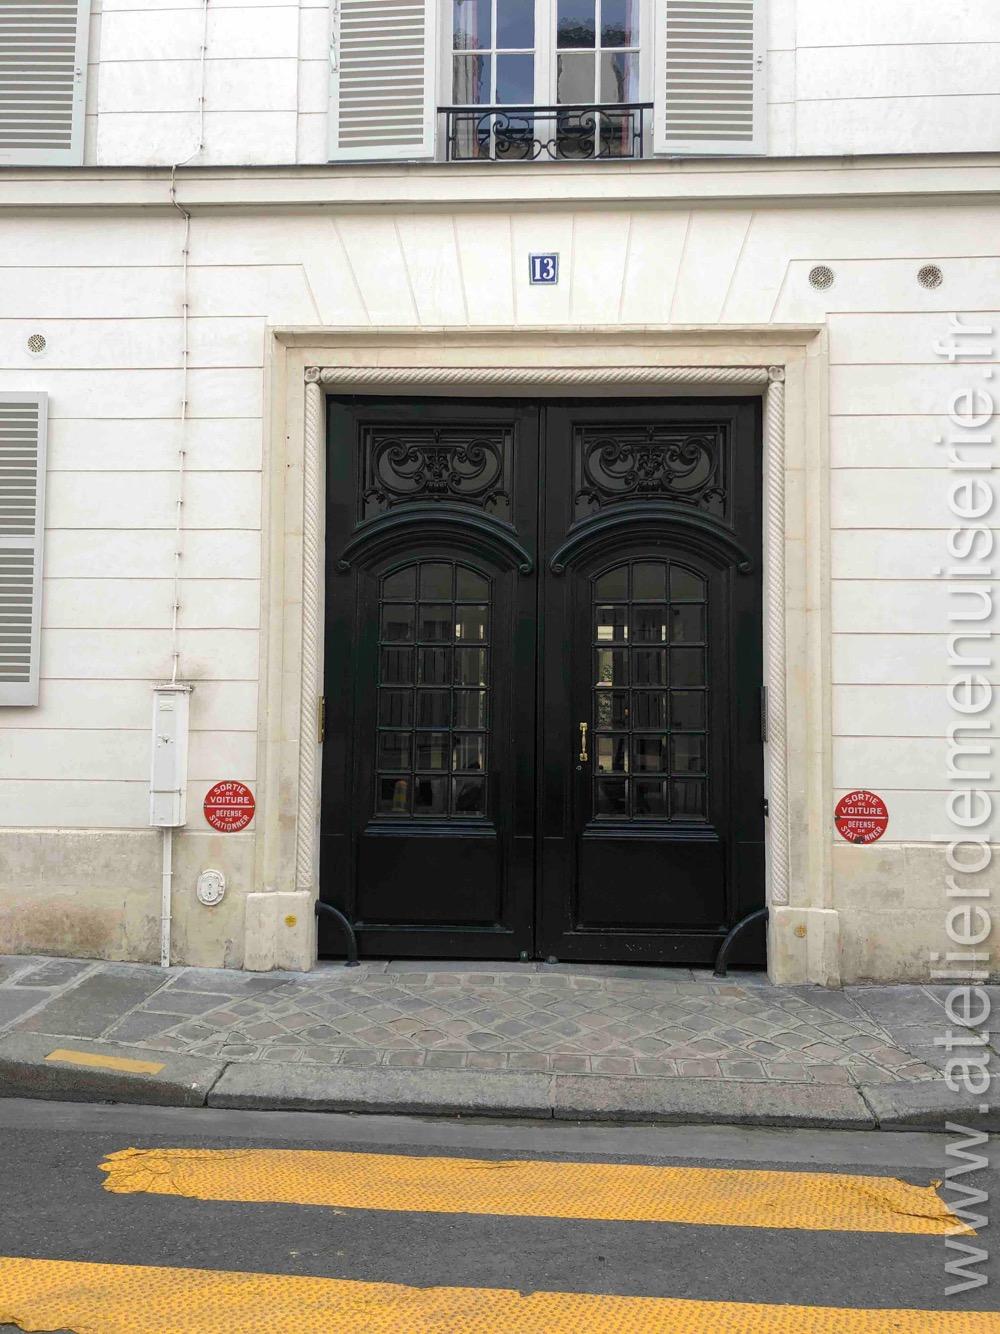 Porte Cochère Bois Avec Oculus - 13 Rue Monsieur - Paris 7